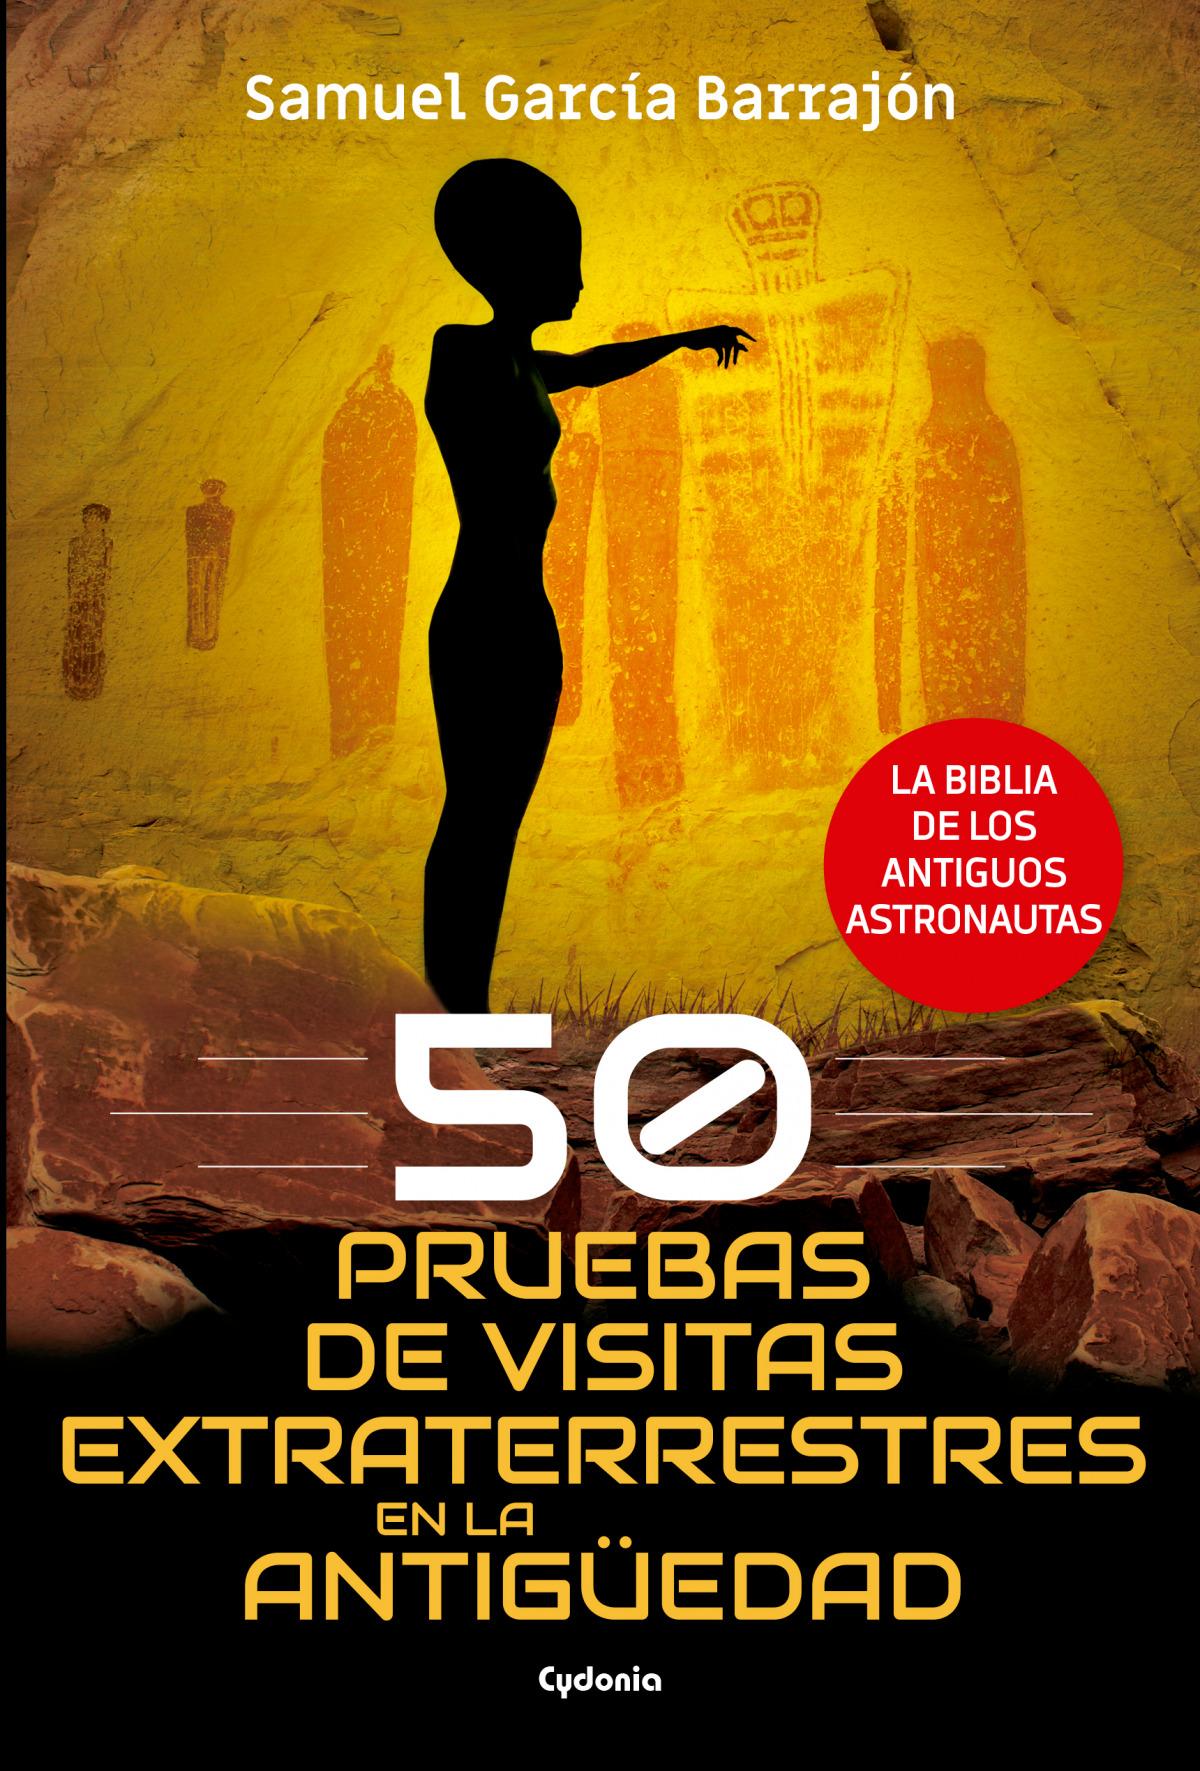 50 pruebas de visitas extraterrestres en la antigüedad 9788494832147